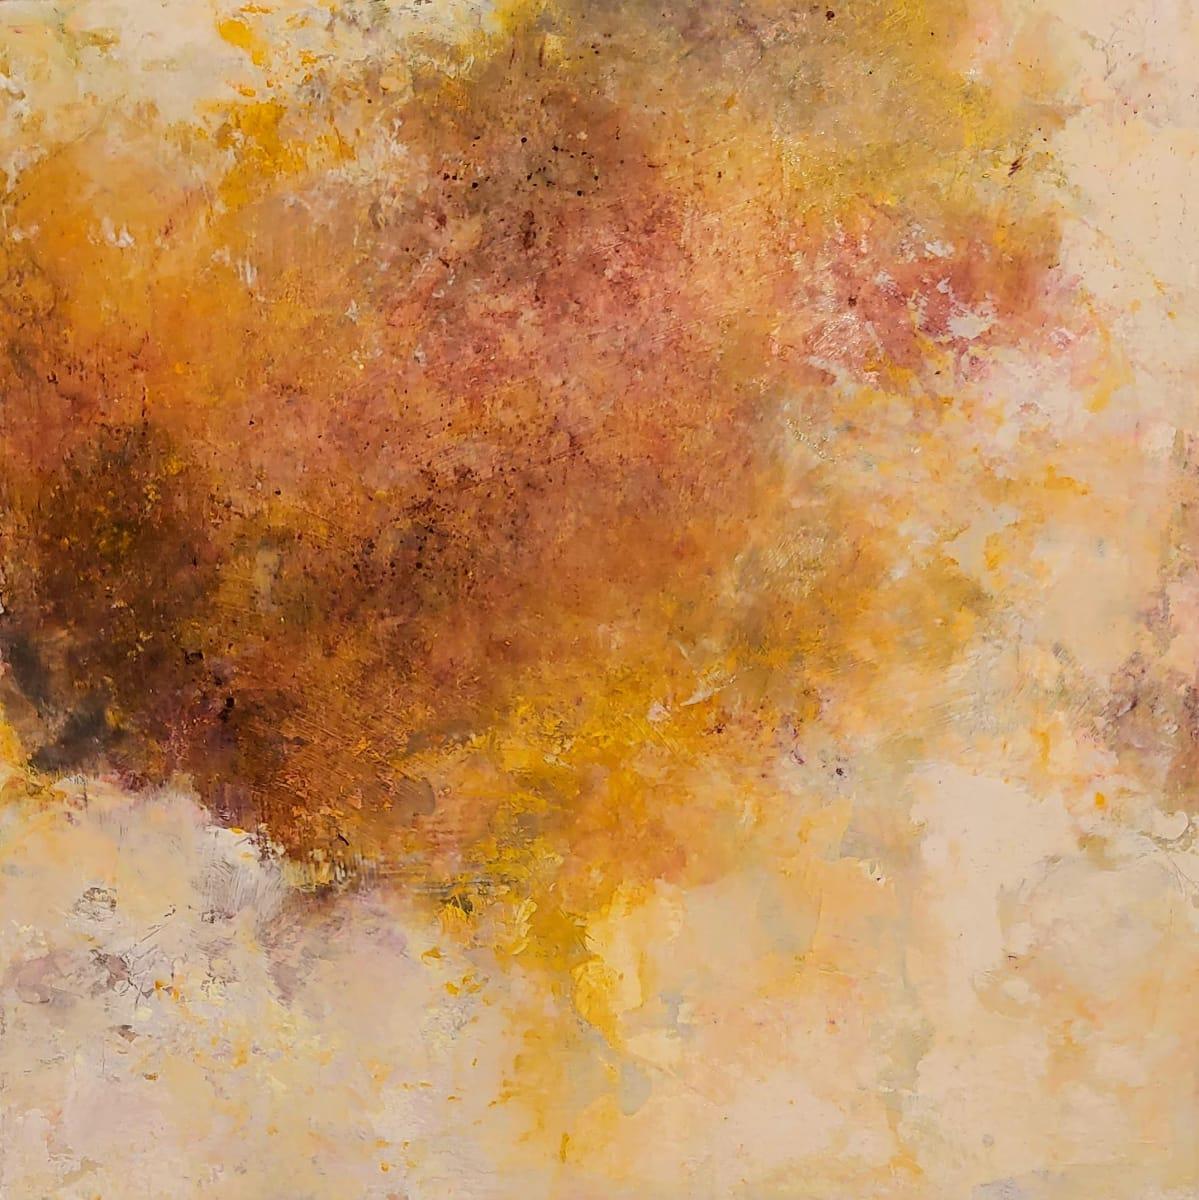 Solstice Dawn, II - Winter by Mary Mendla